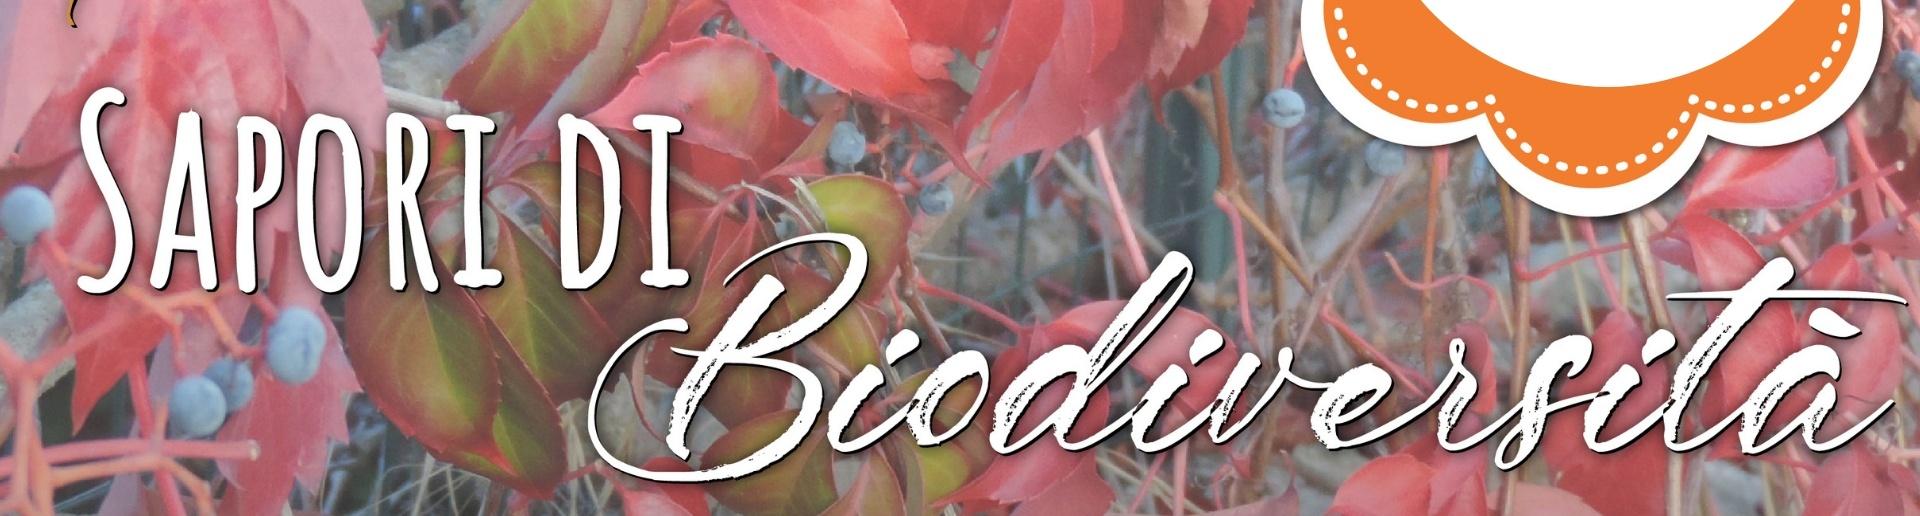 Biodiversitá, arti e mestieri in mostra a Ceglie Messapica (Brindisi, Puglia). Il 27 e 28 Ottobre presso la Bottega di ISA.